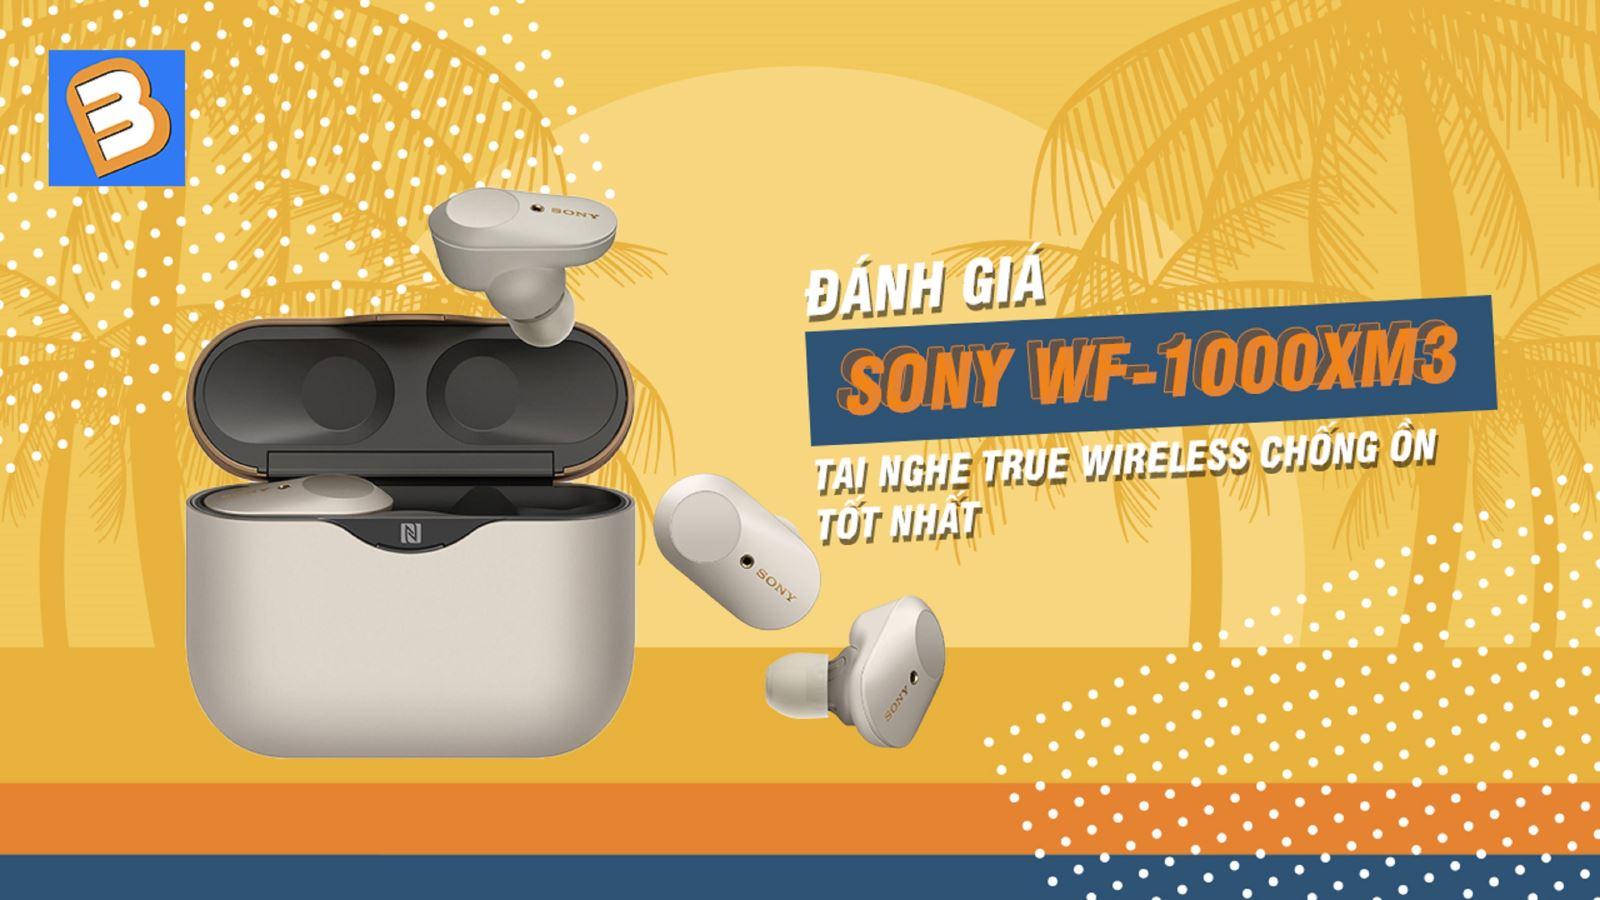 Đánh giá Sony WF-1000XM3:tai nghe true wireless chống ồn tốt nhất